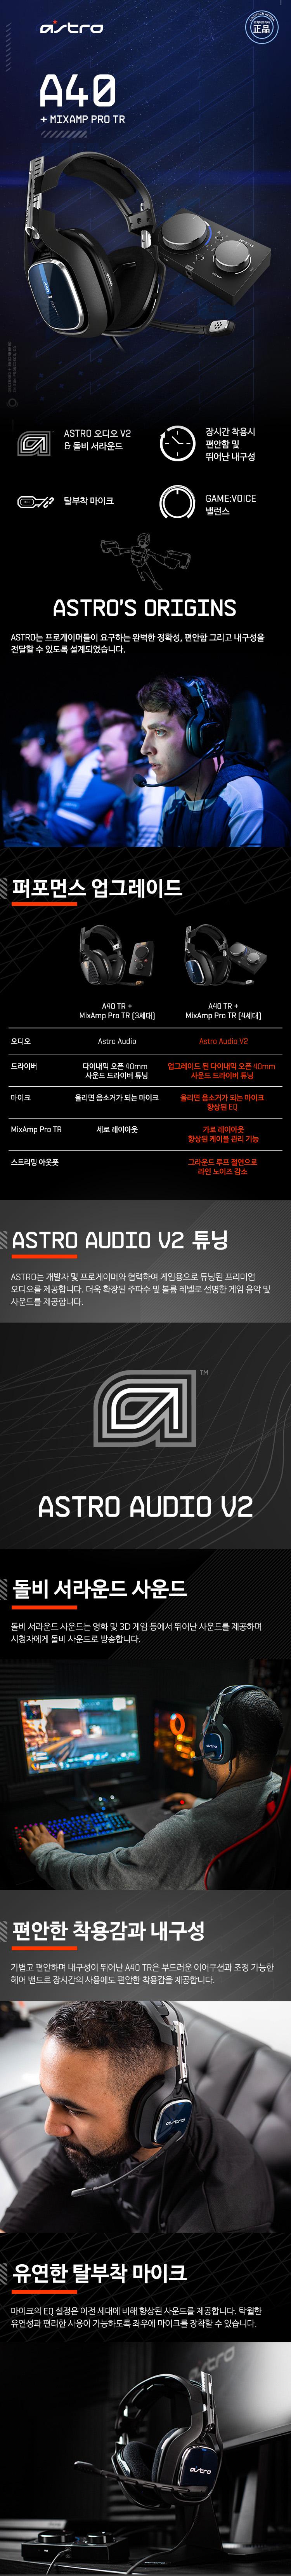 astroa40na1.jpg